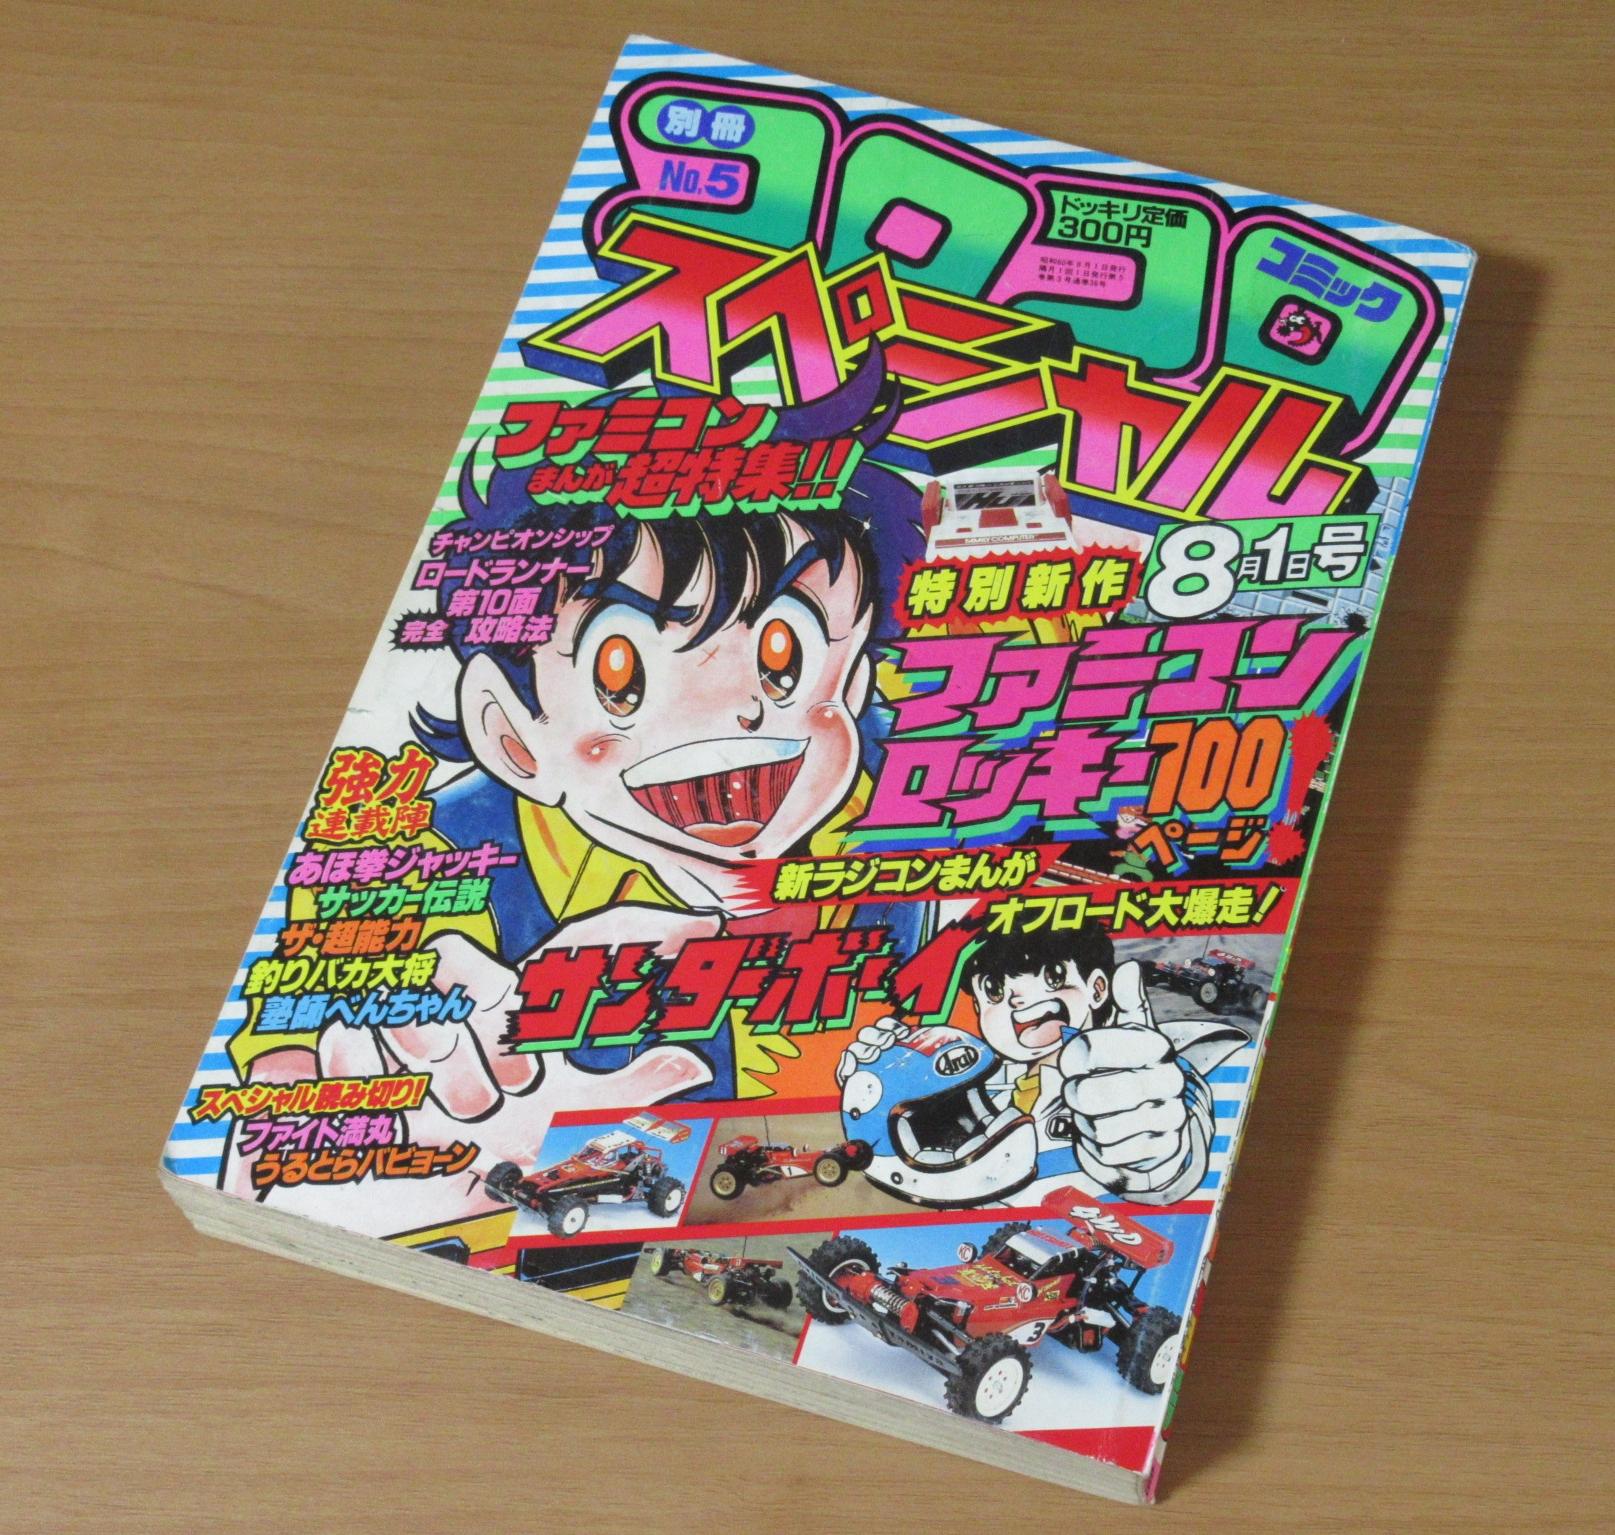 別冊コロコロコミック 買取 スペシャル No.5 1980年 8月1日号